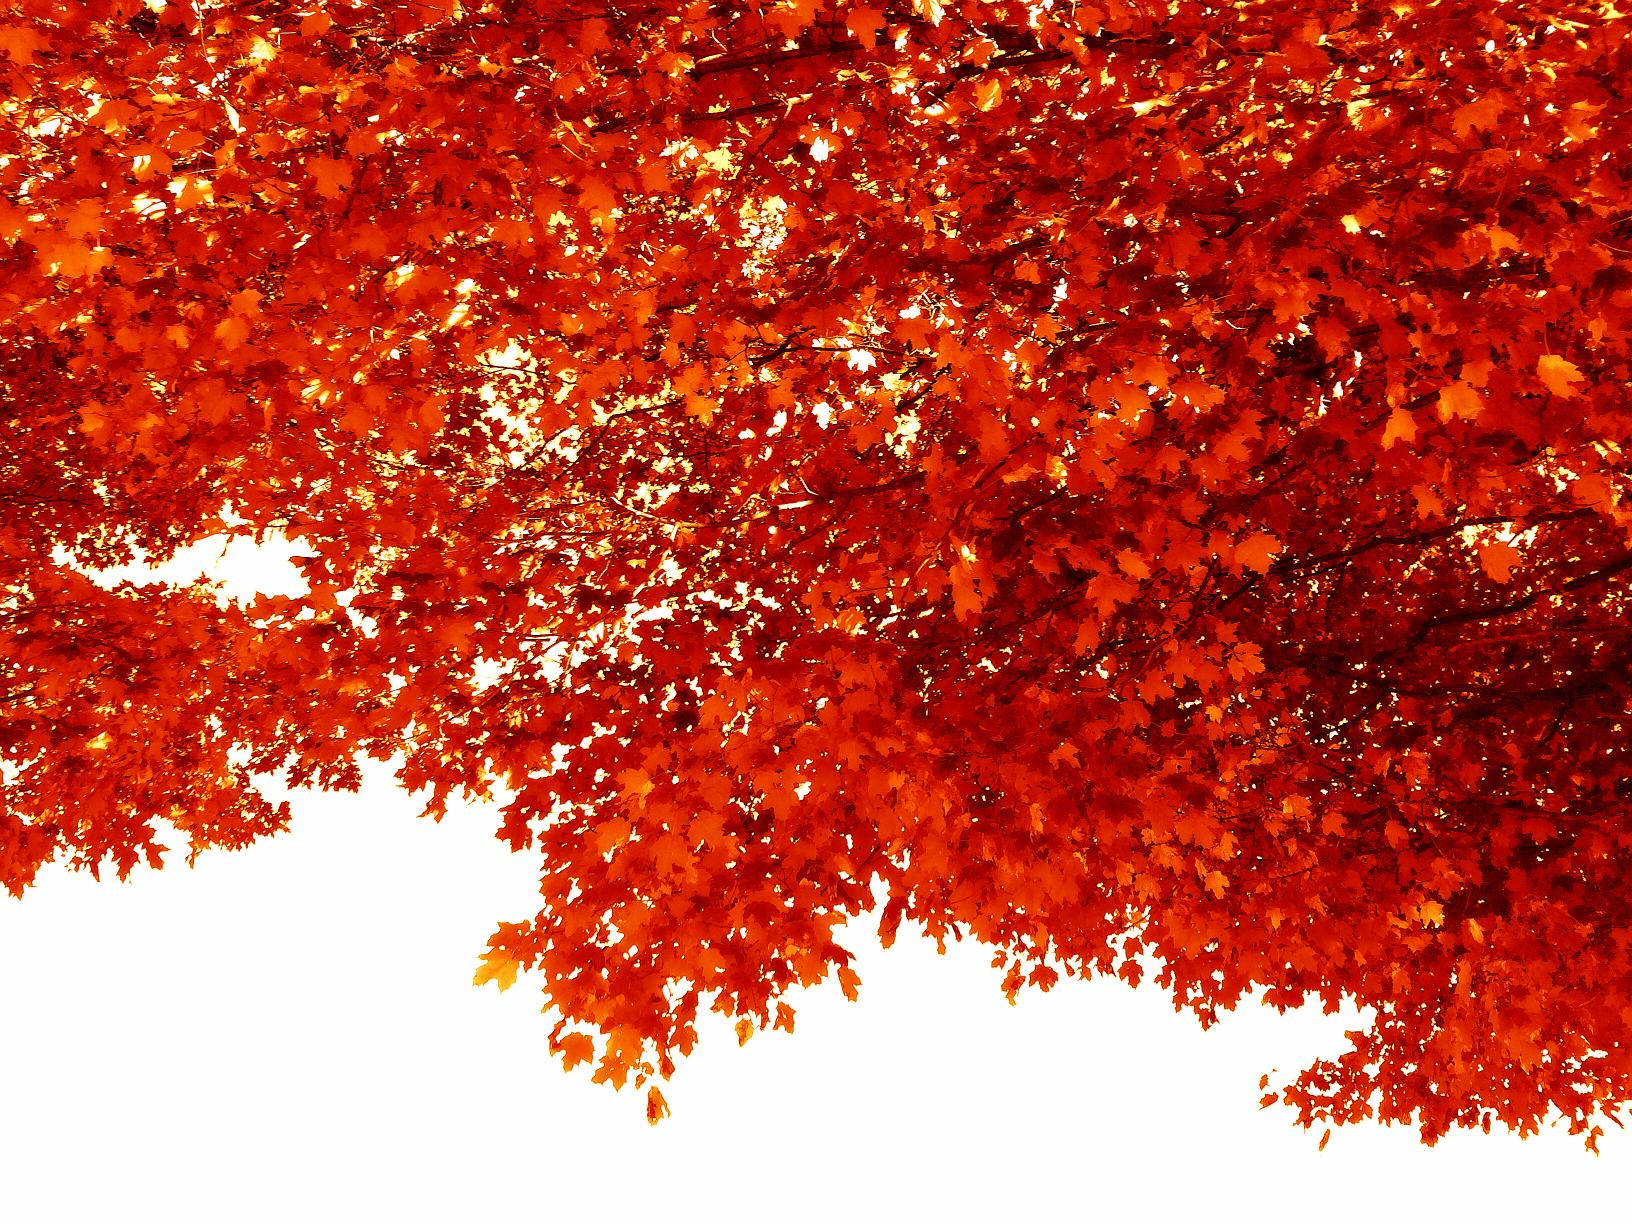 ©Blanket of Leaves by Dena T Bray